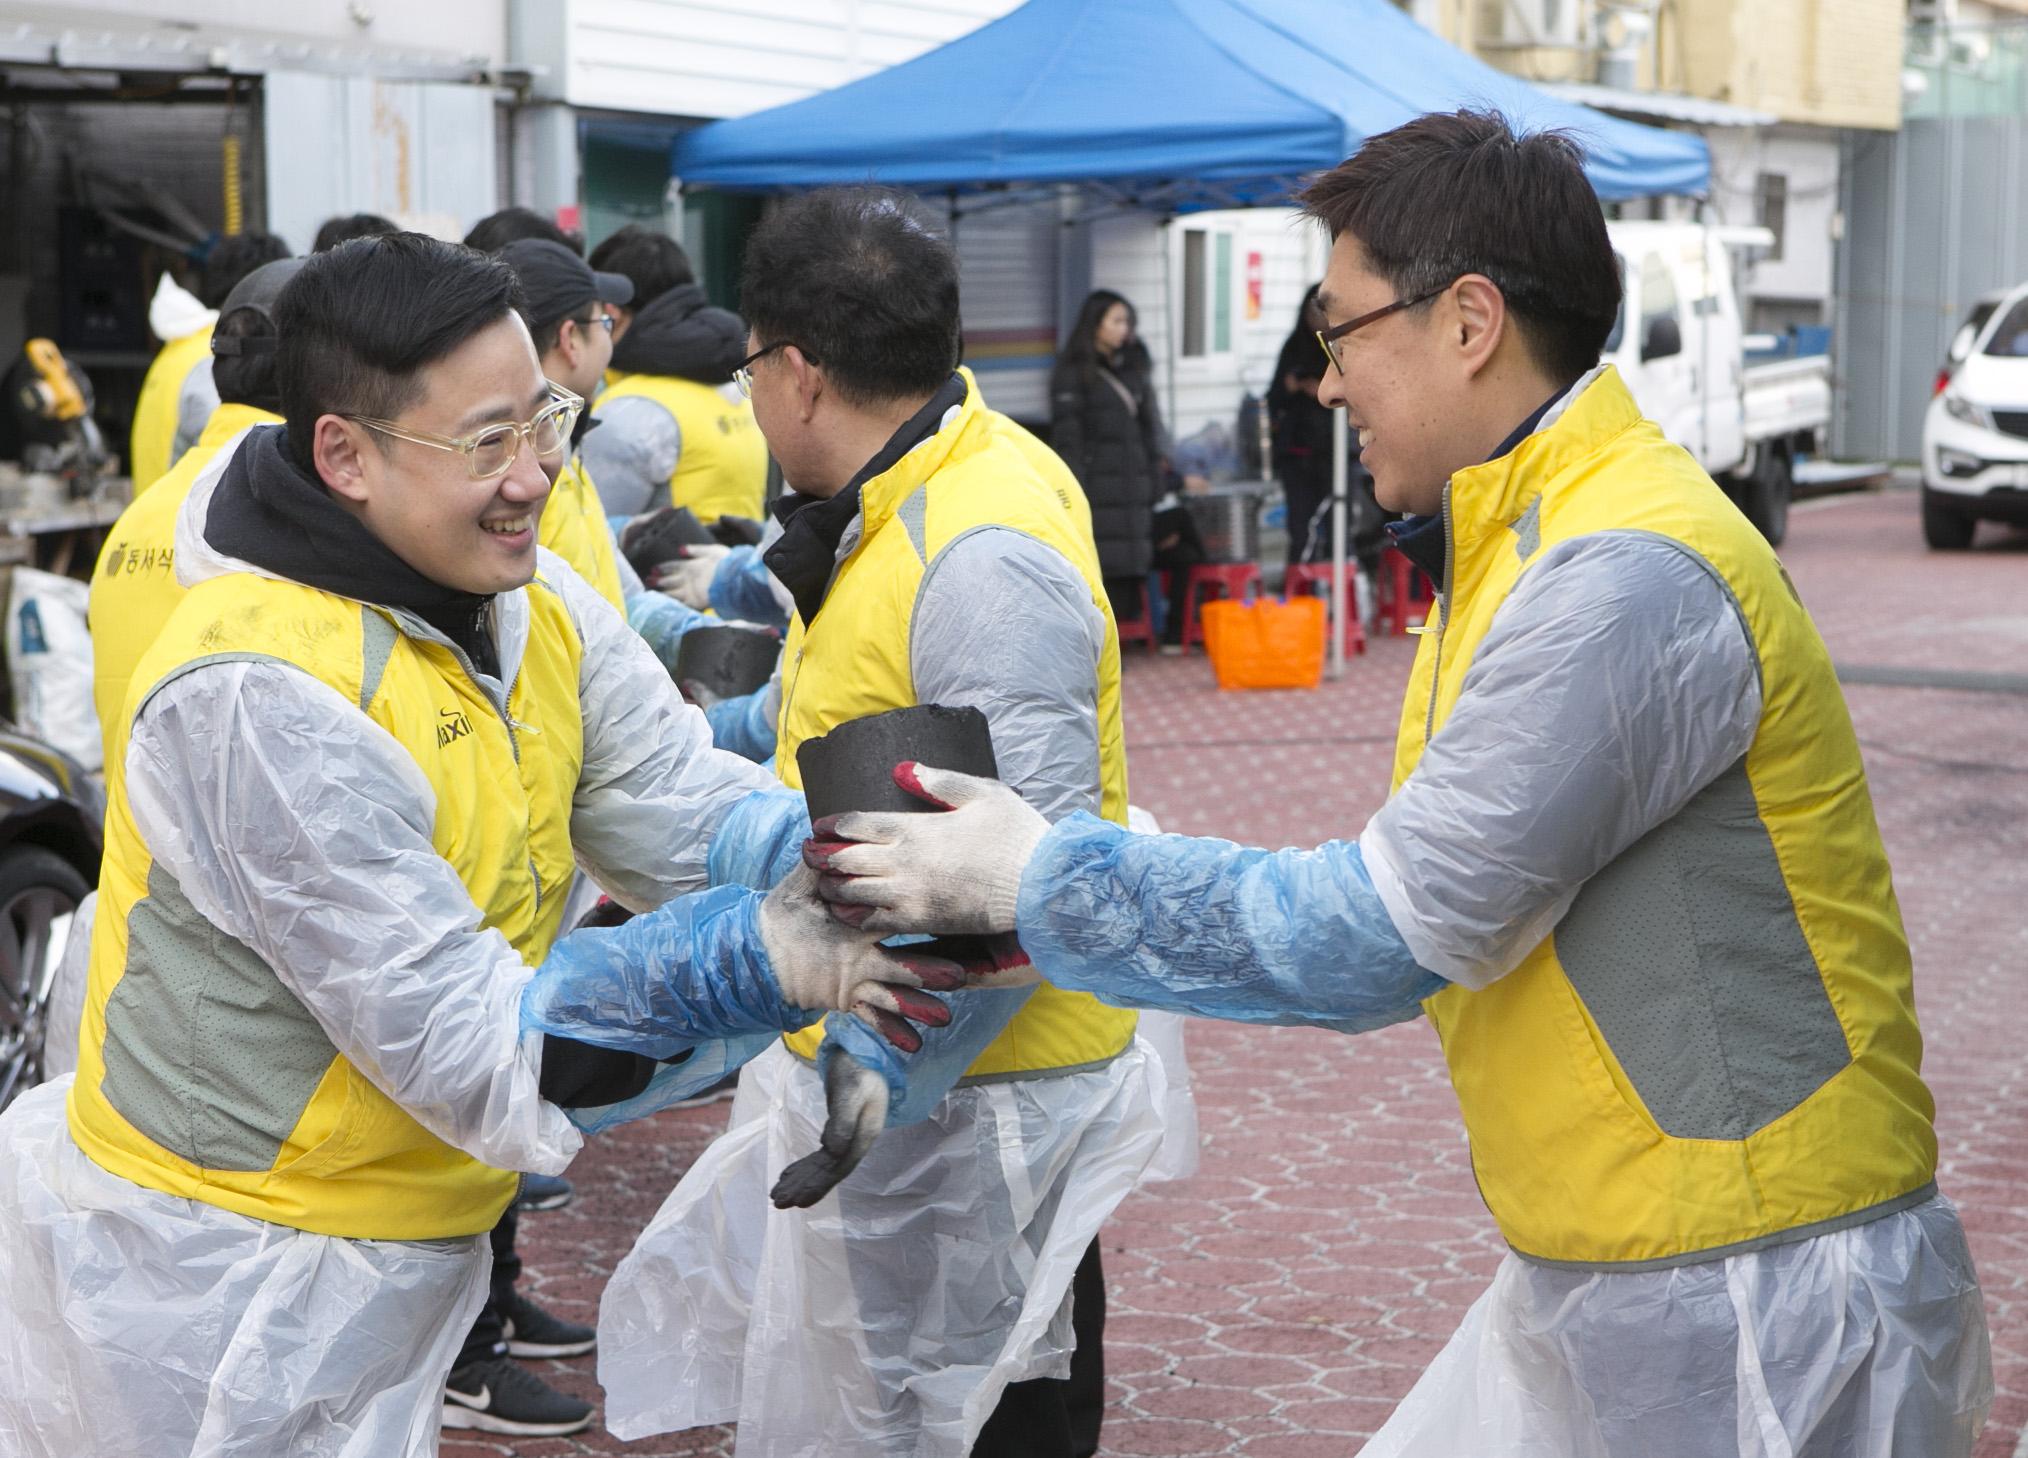 [사진자료] 동서식품, 연탄배달로 소외이웃의 따뜻한 겨울나기 도와 (4).jpg